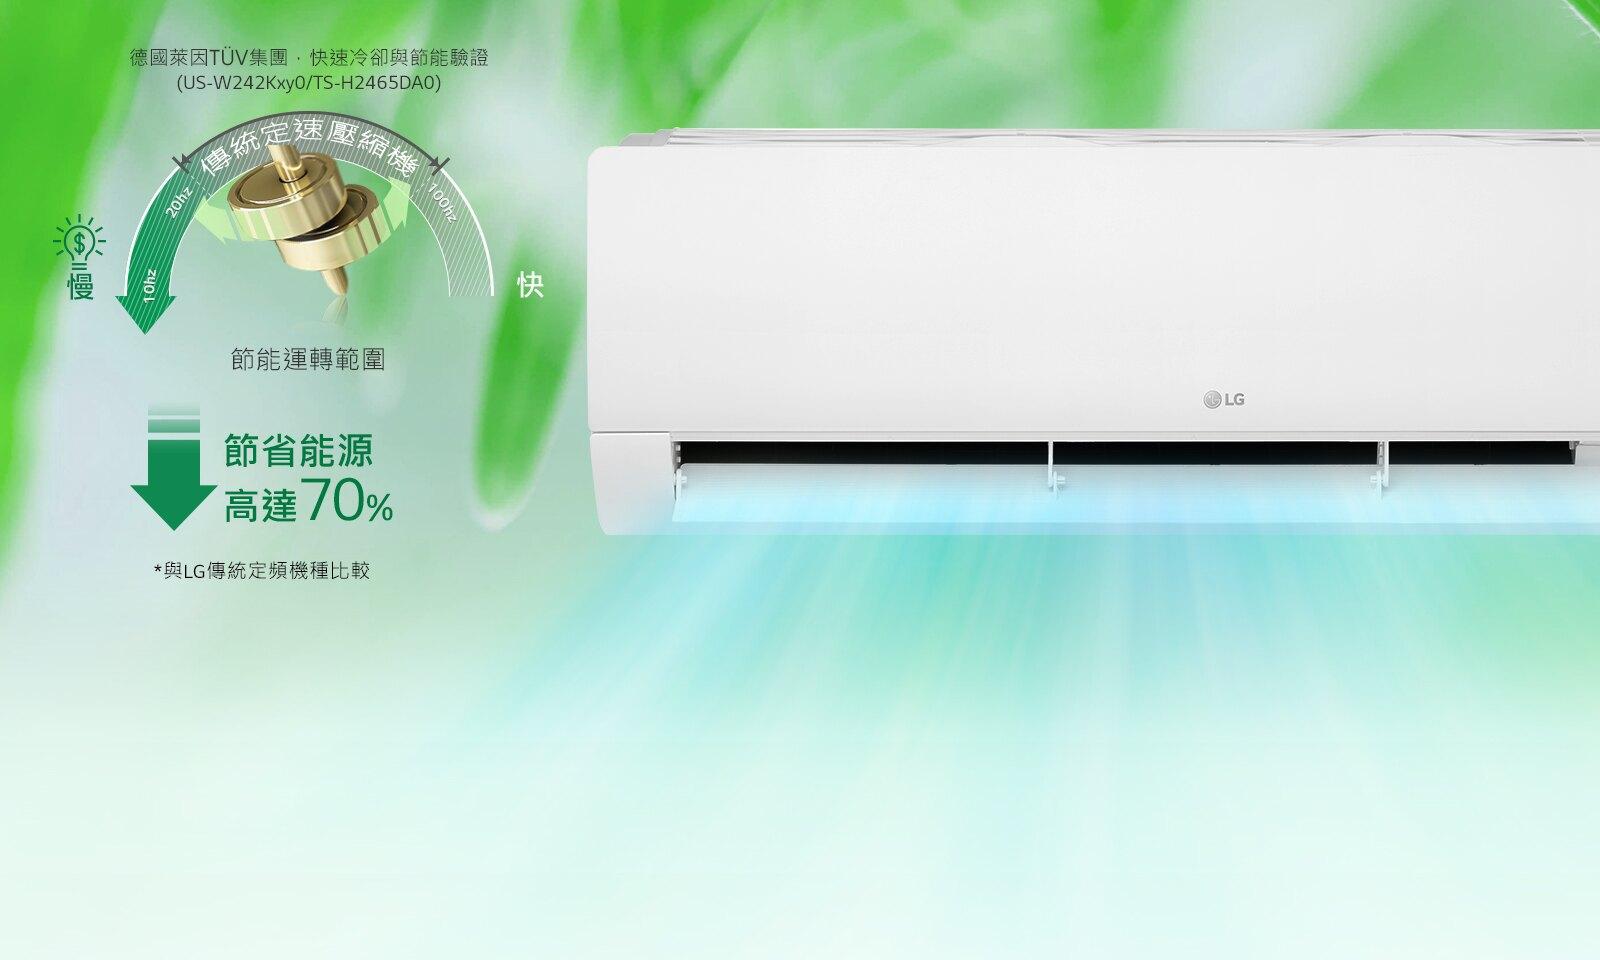 ***東洋數位家電***請議價LG LSU1217DHP LSN1217DHP LG WiFi遠控 雙迴轉變頻空調 LG 變頻分離式冷暖 雙迴轉壓縮空調 適用6坪